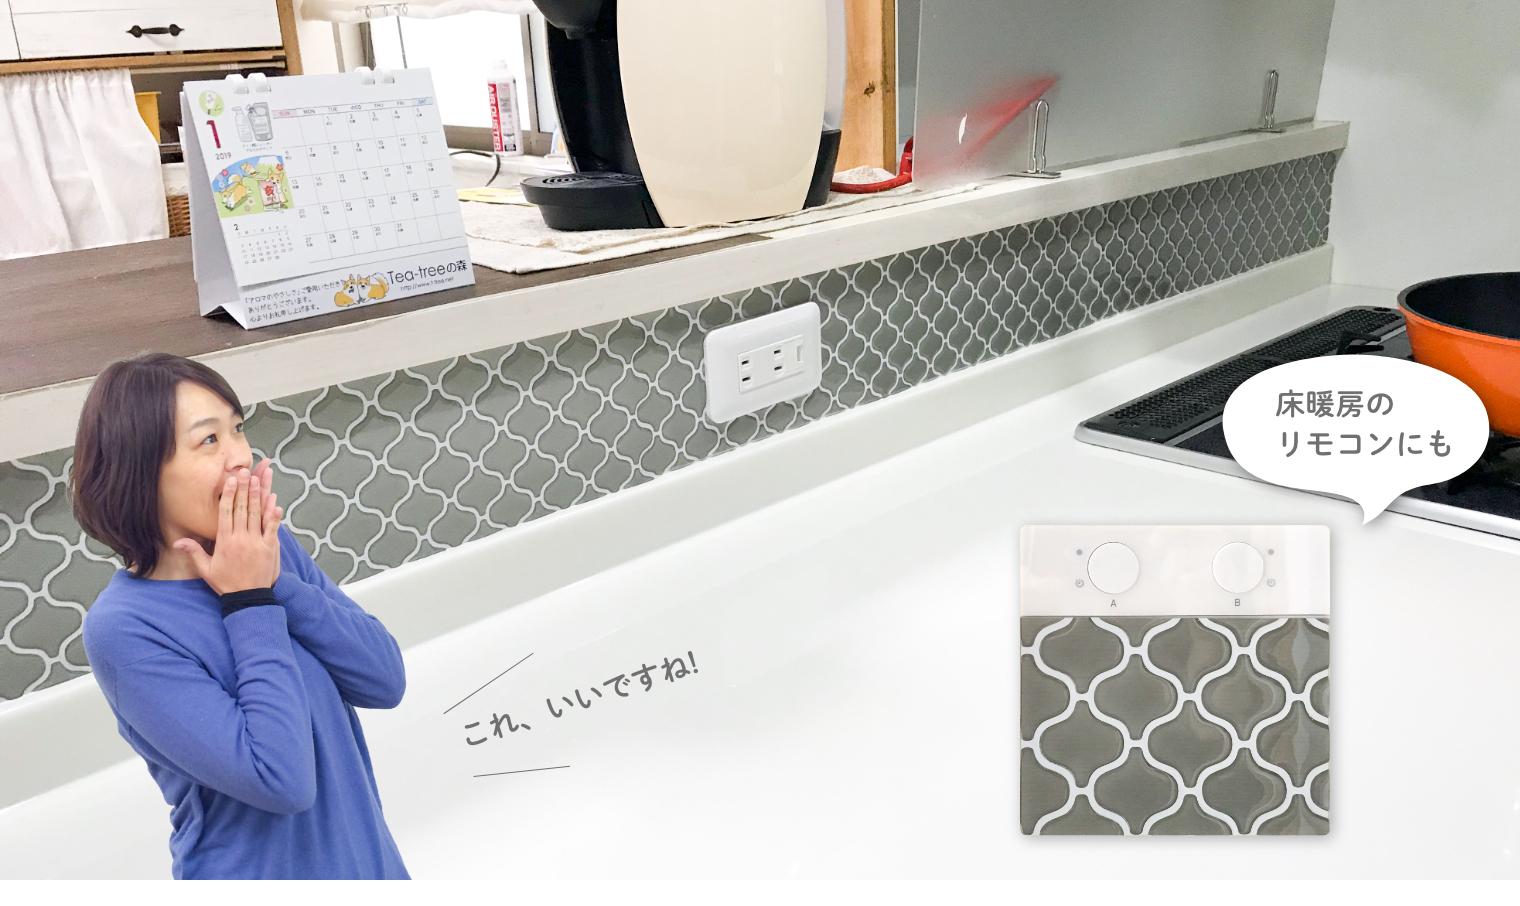 キッチンと床暖房のリモコンに貼ったタイルシール